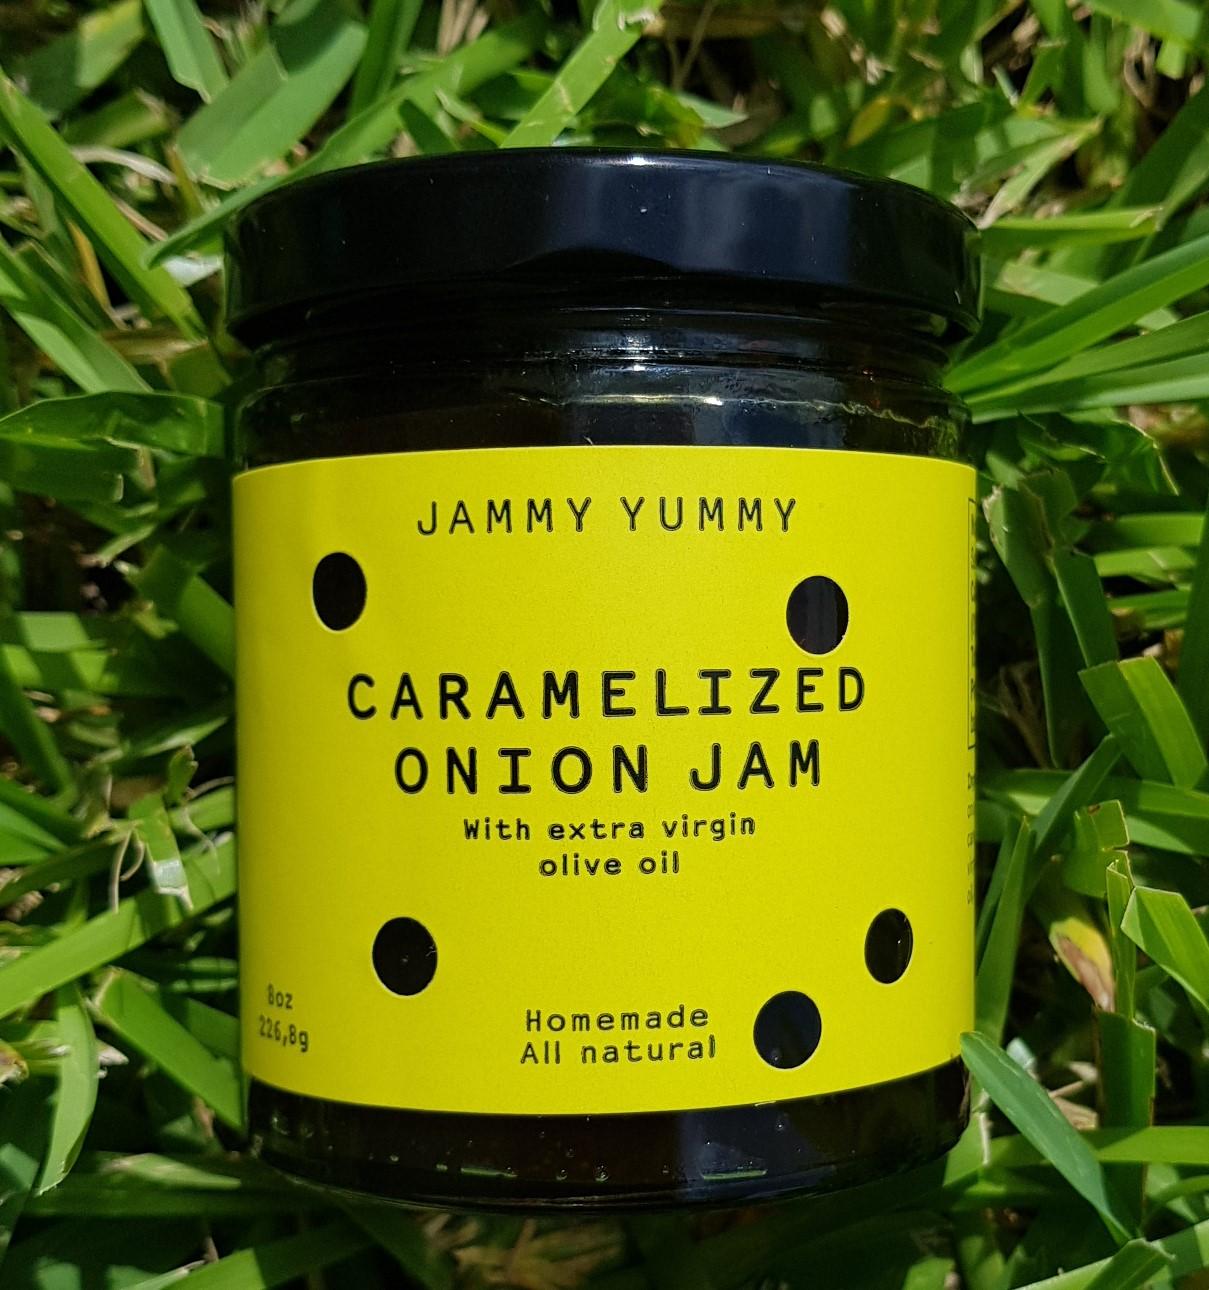 Caramelized Onion jam 8oz